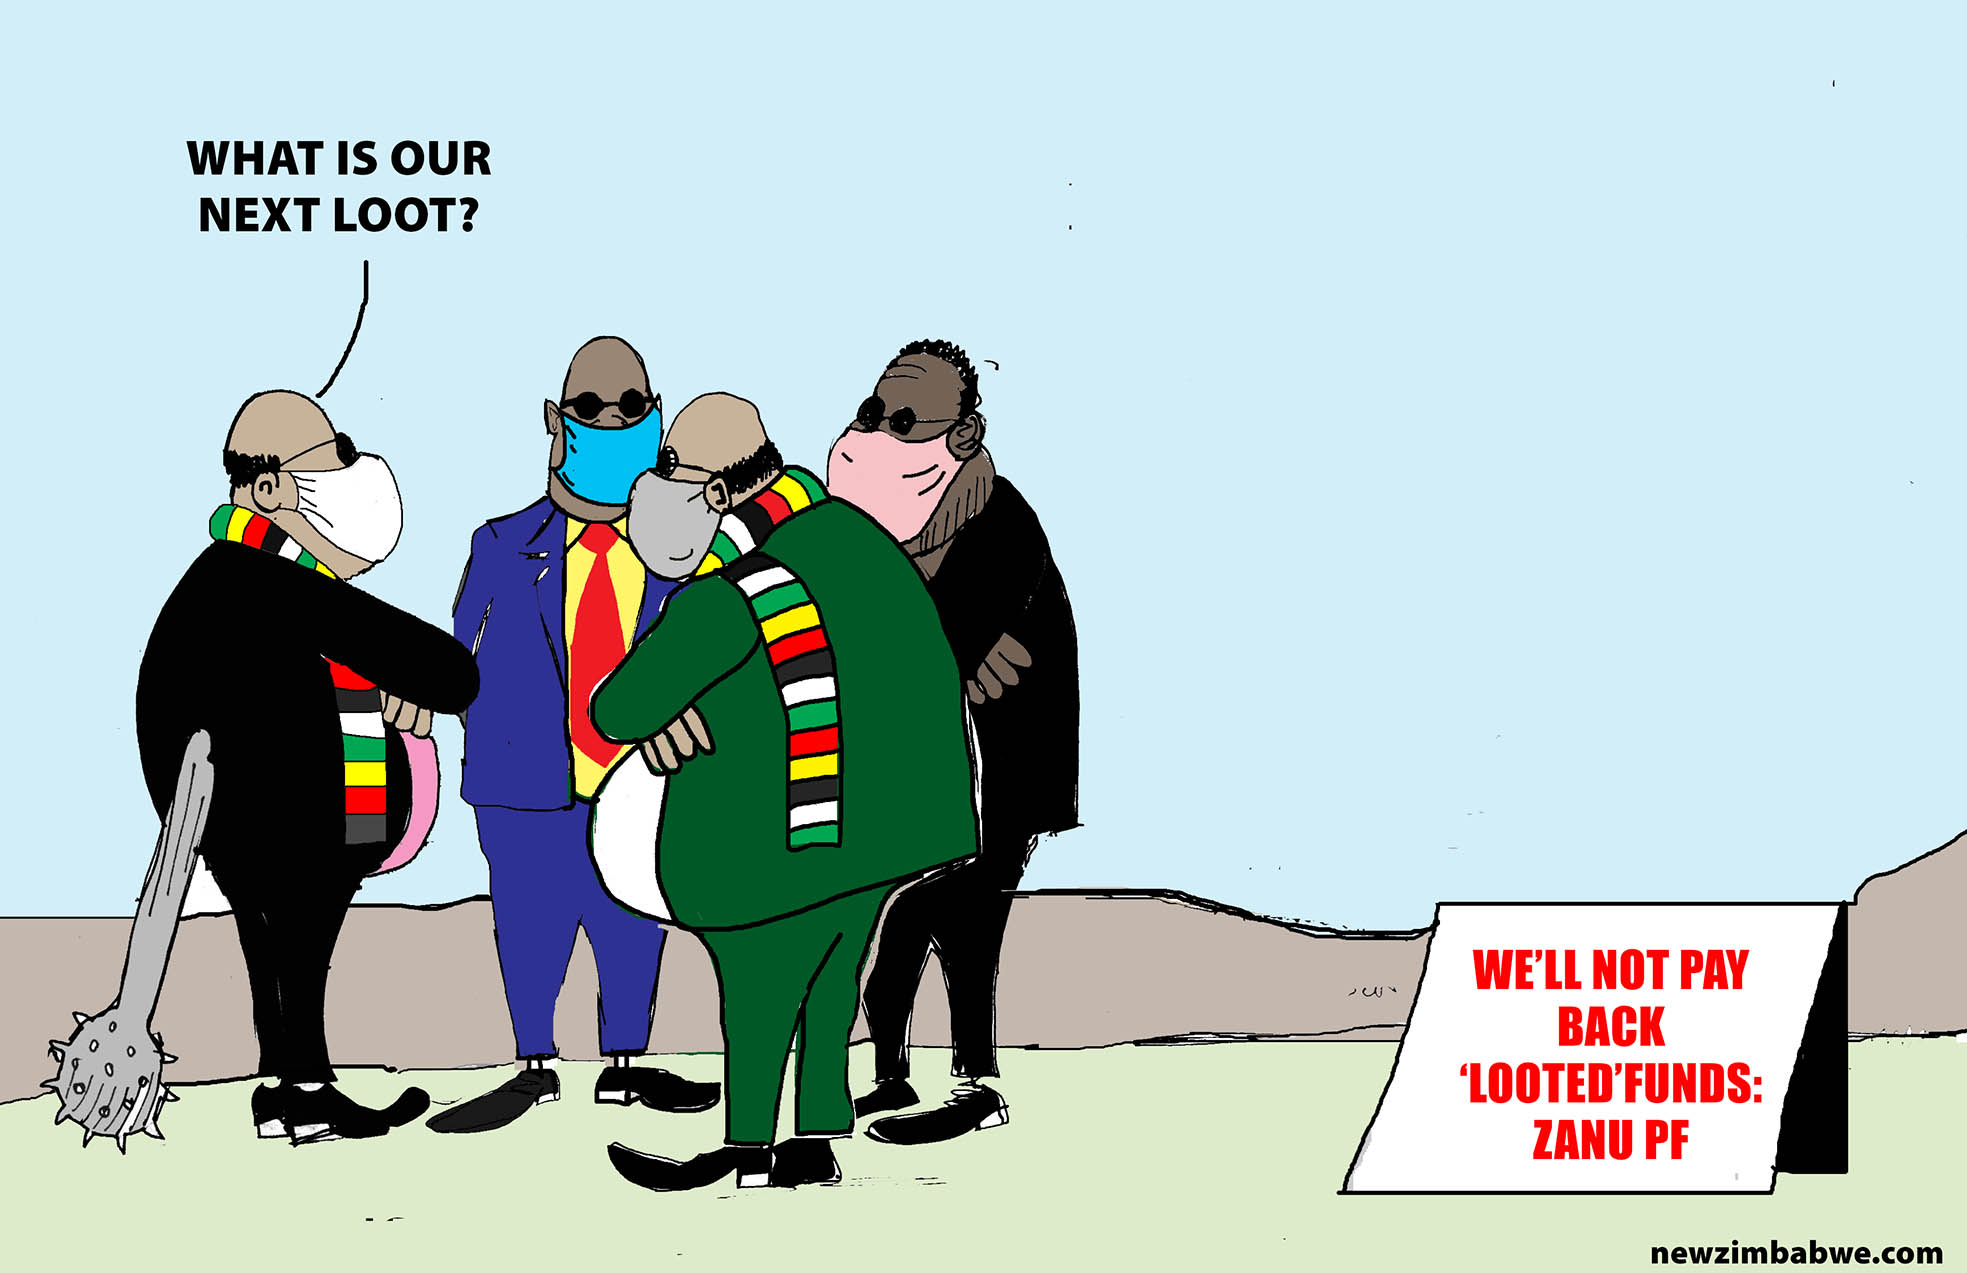 ZANU PF wont pay back looted funds